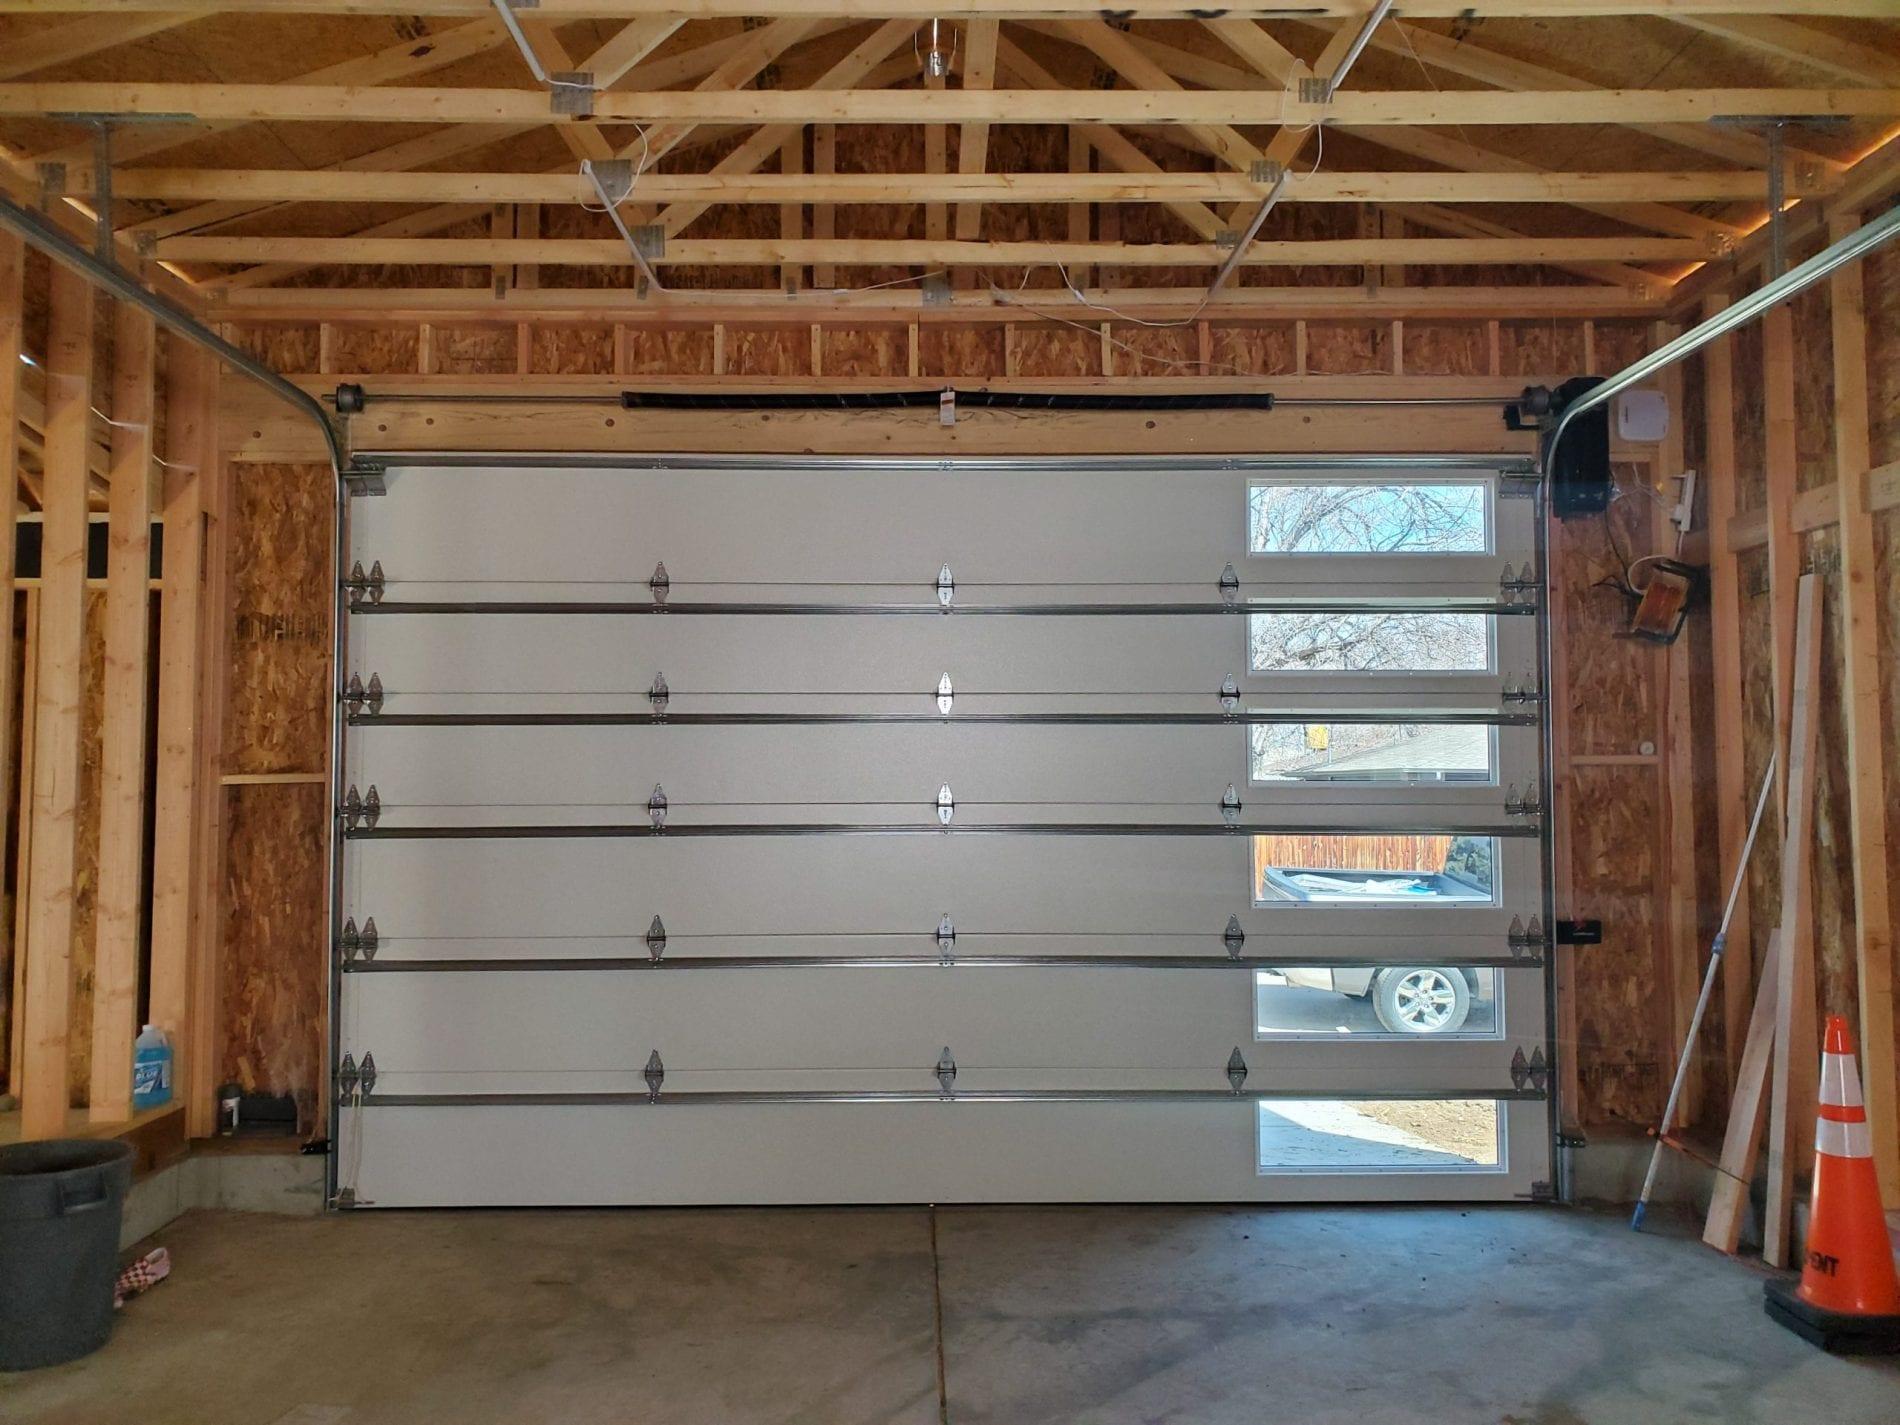 , Commercial Garage Doors, Garage Service Co. Garage Door Specialists